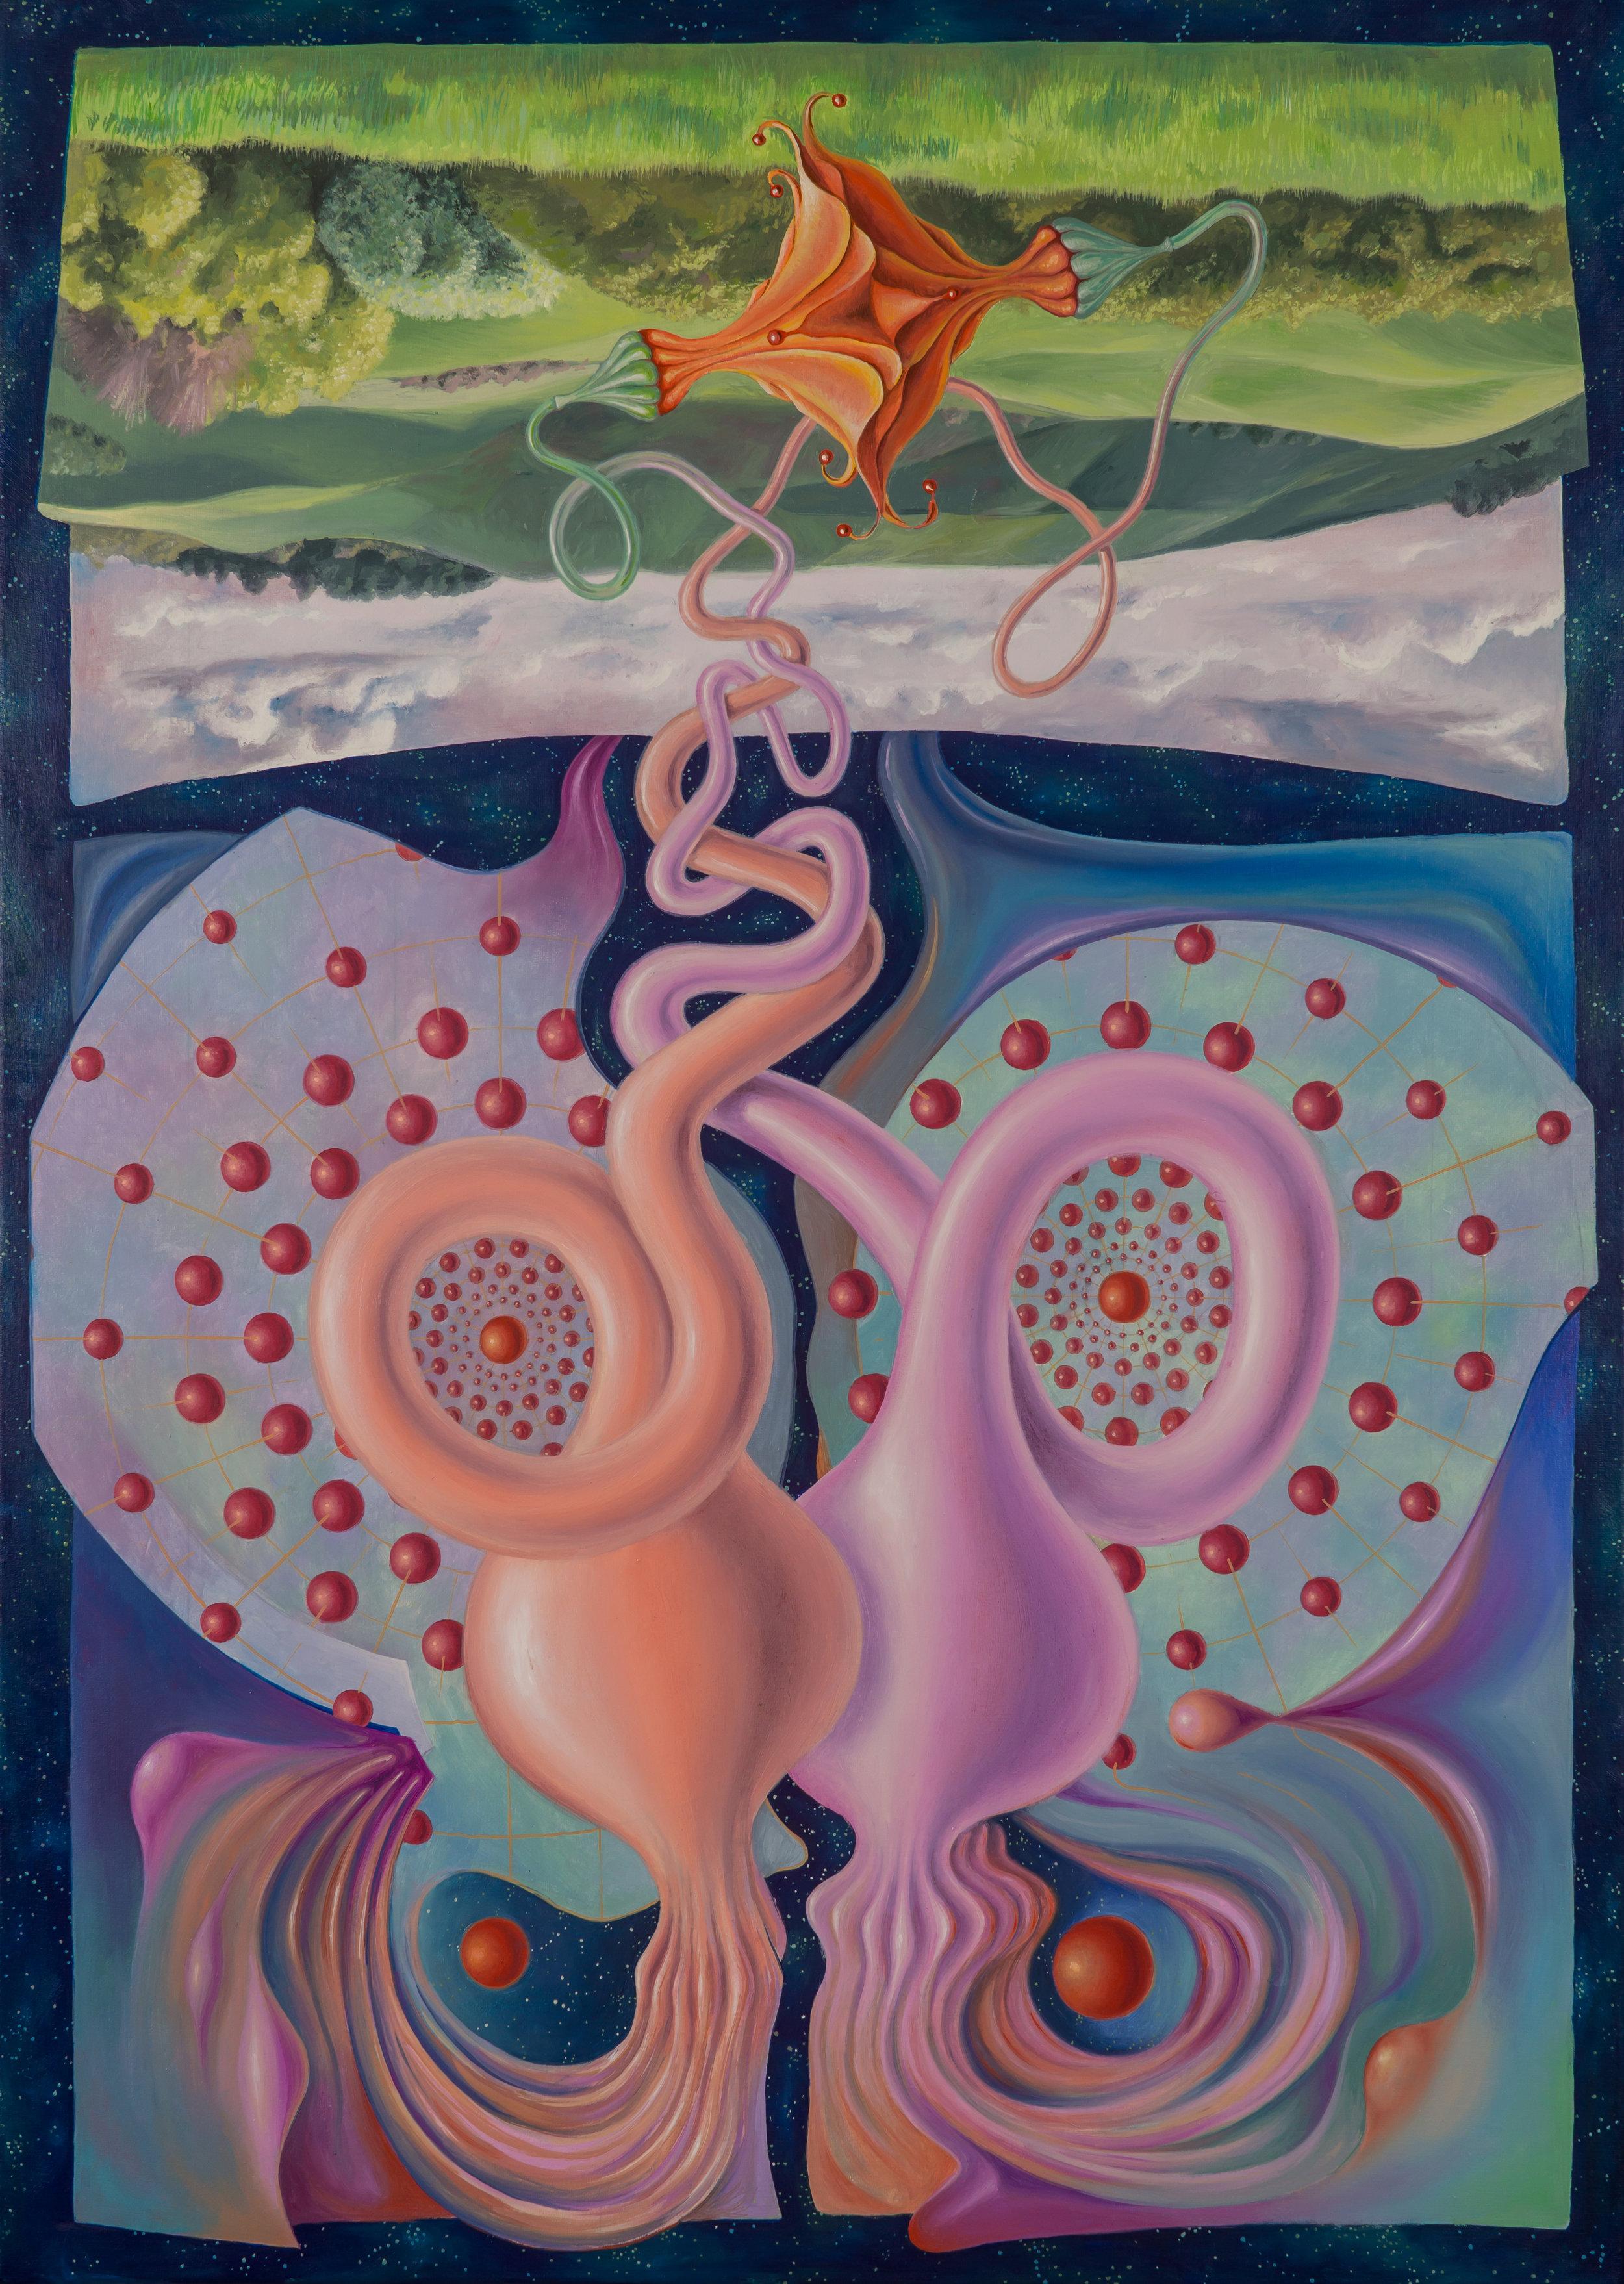 Earthly Matrimony  Oil on canvas, 50x70cm